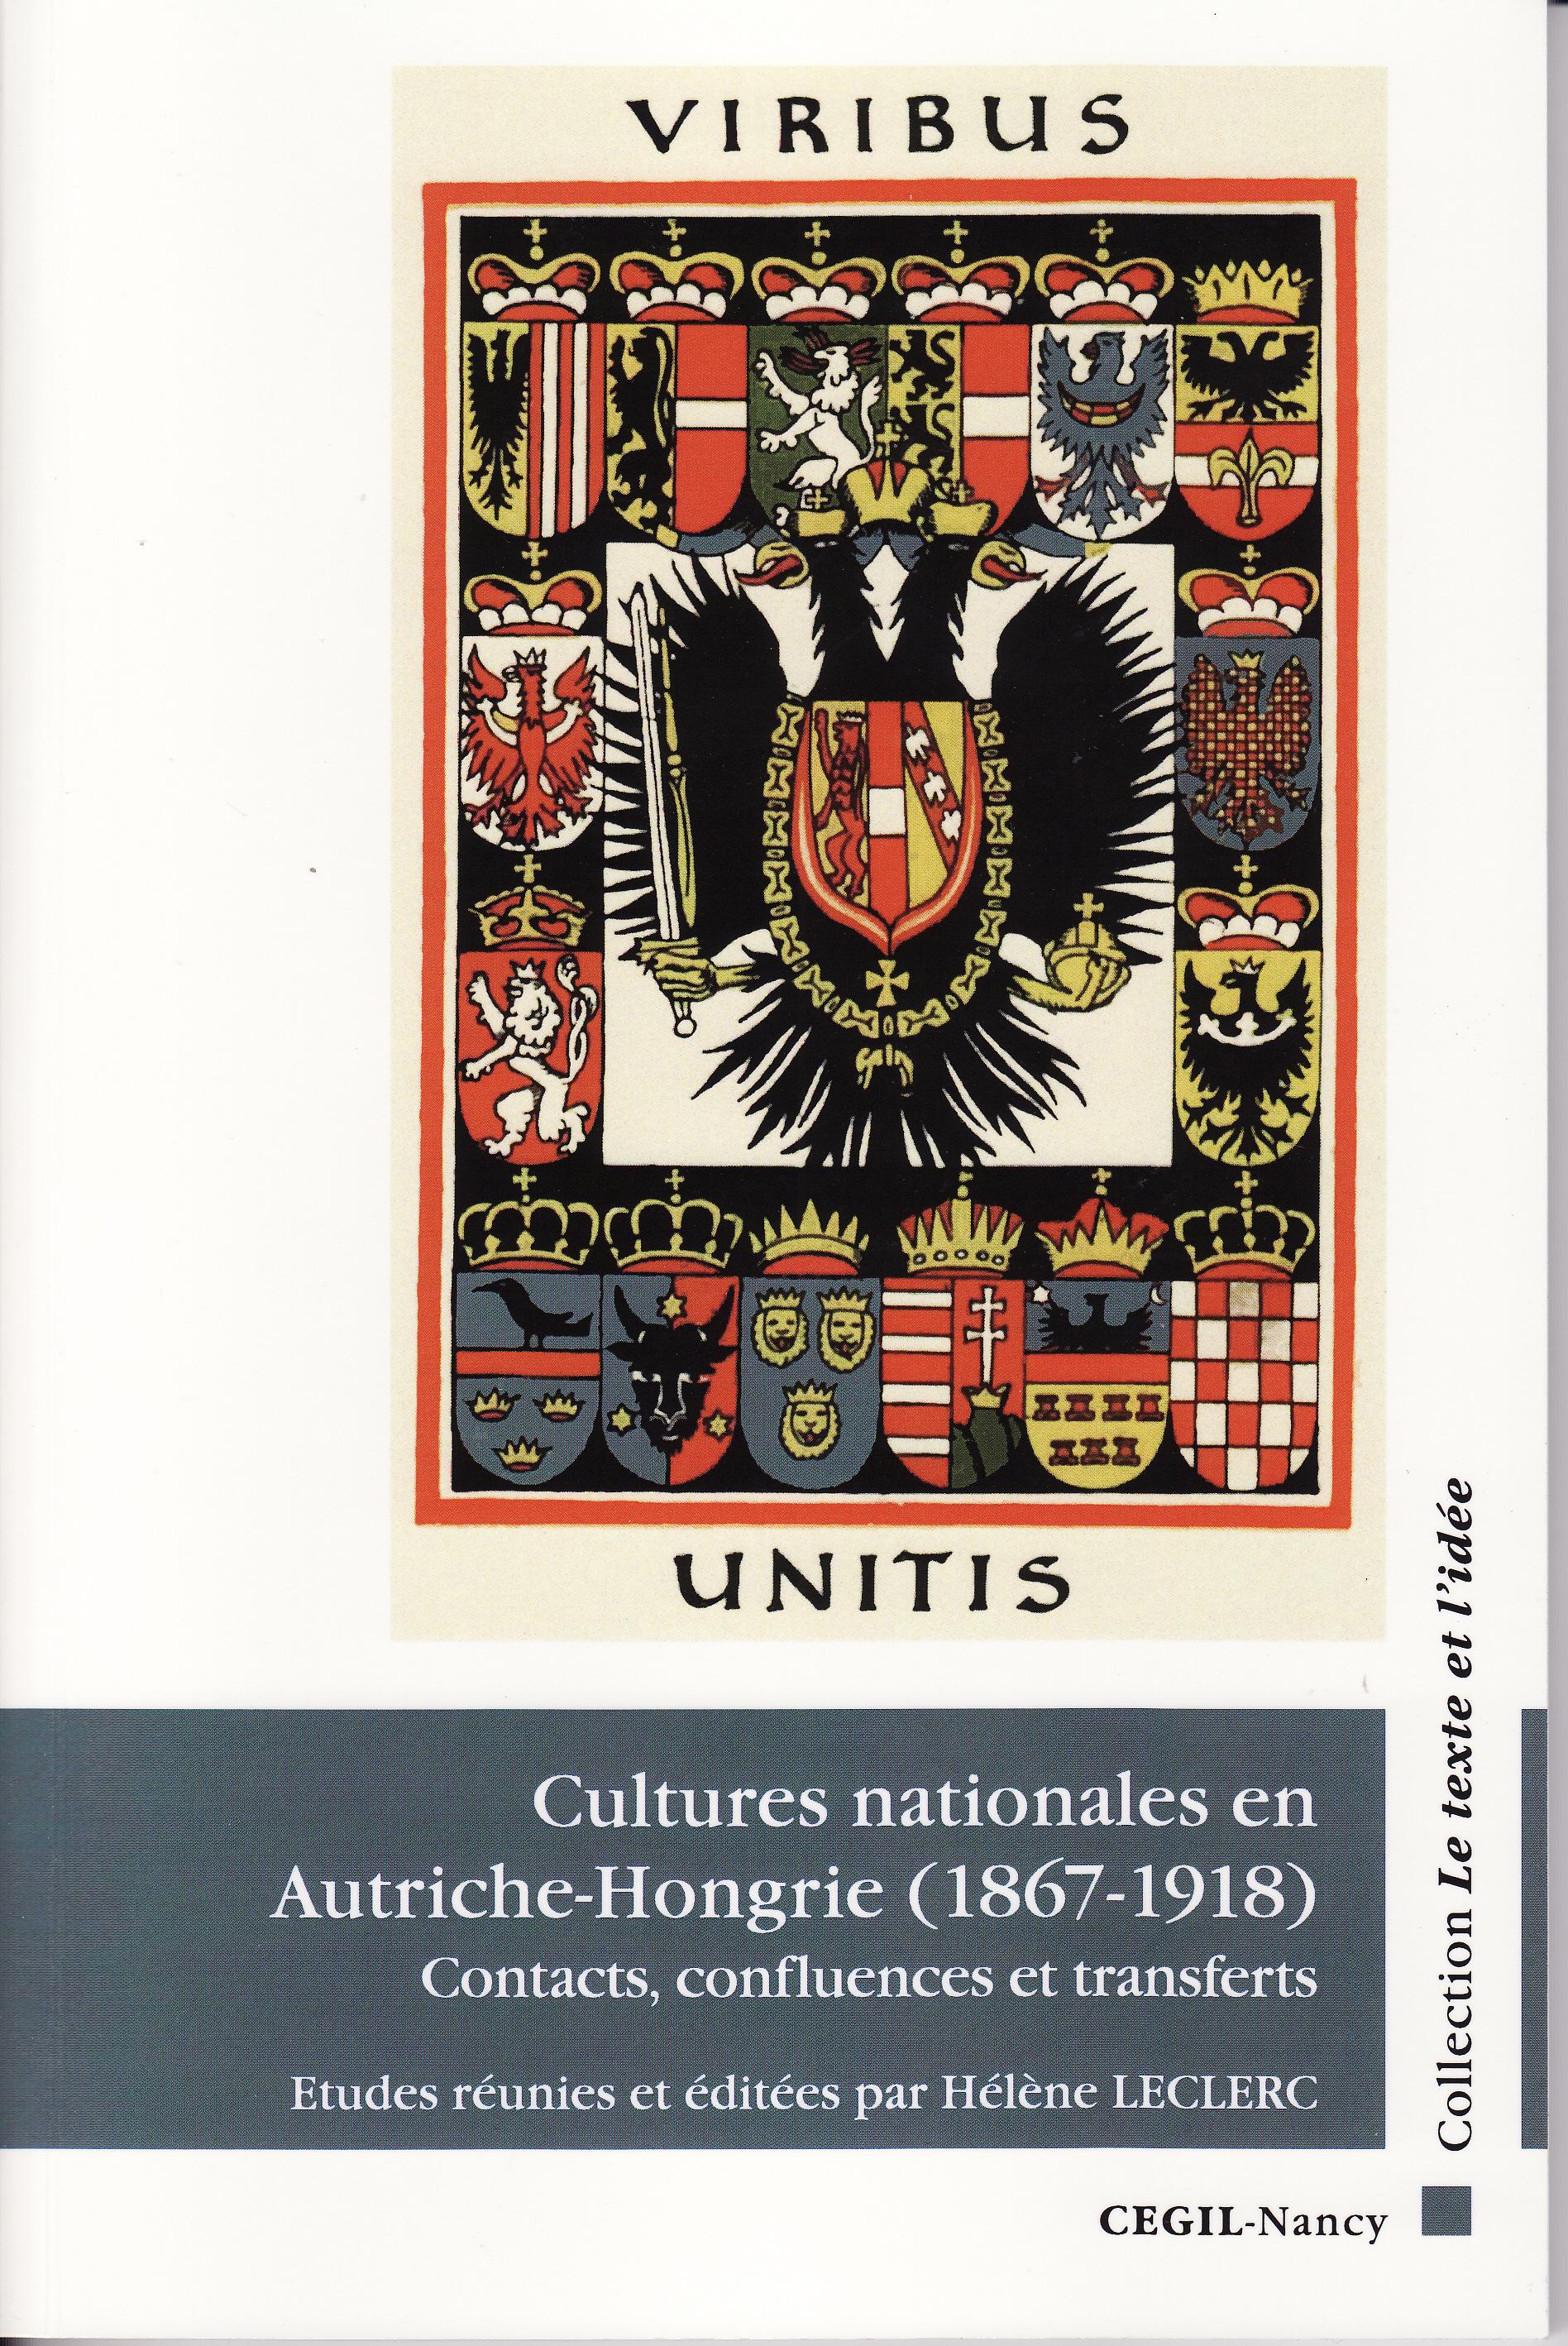 cultures_nationales_Autriche_Hongrie.jpg